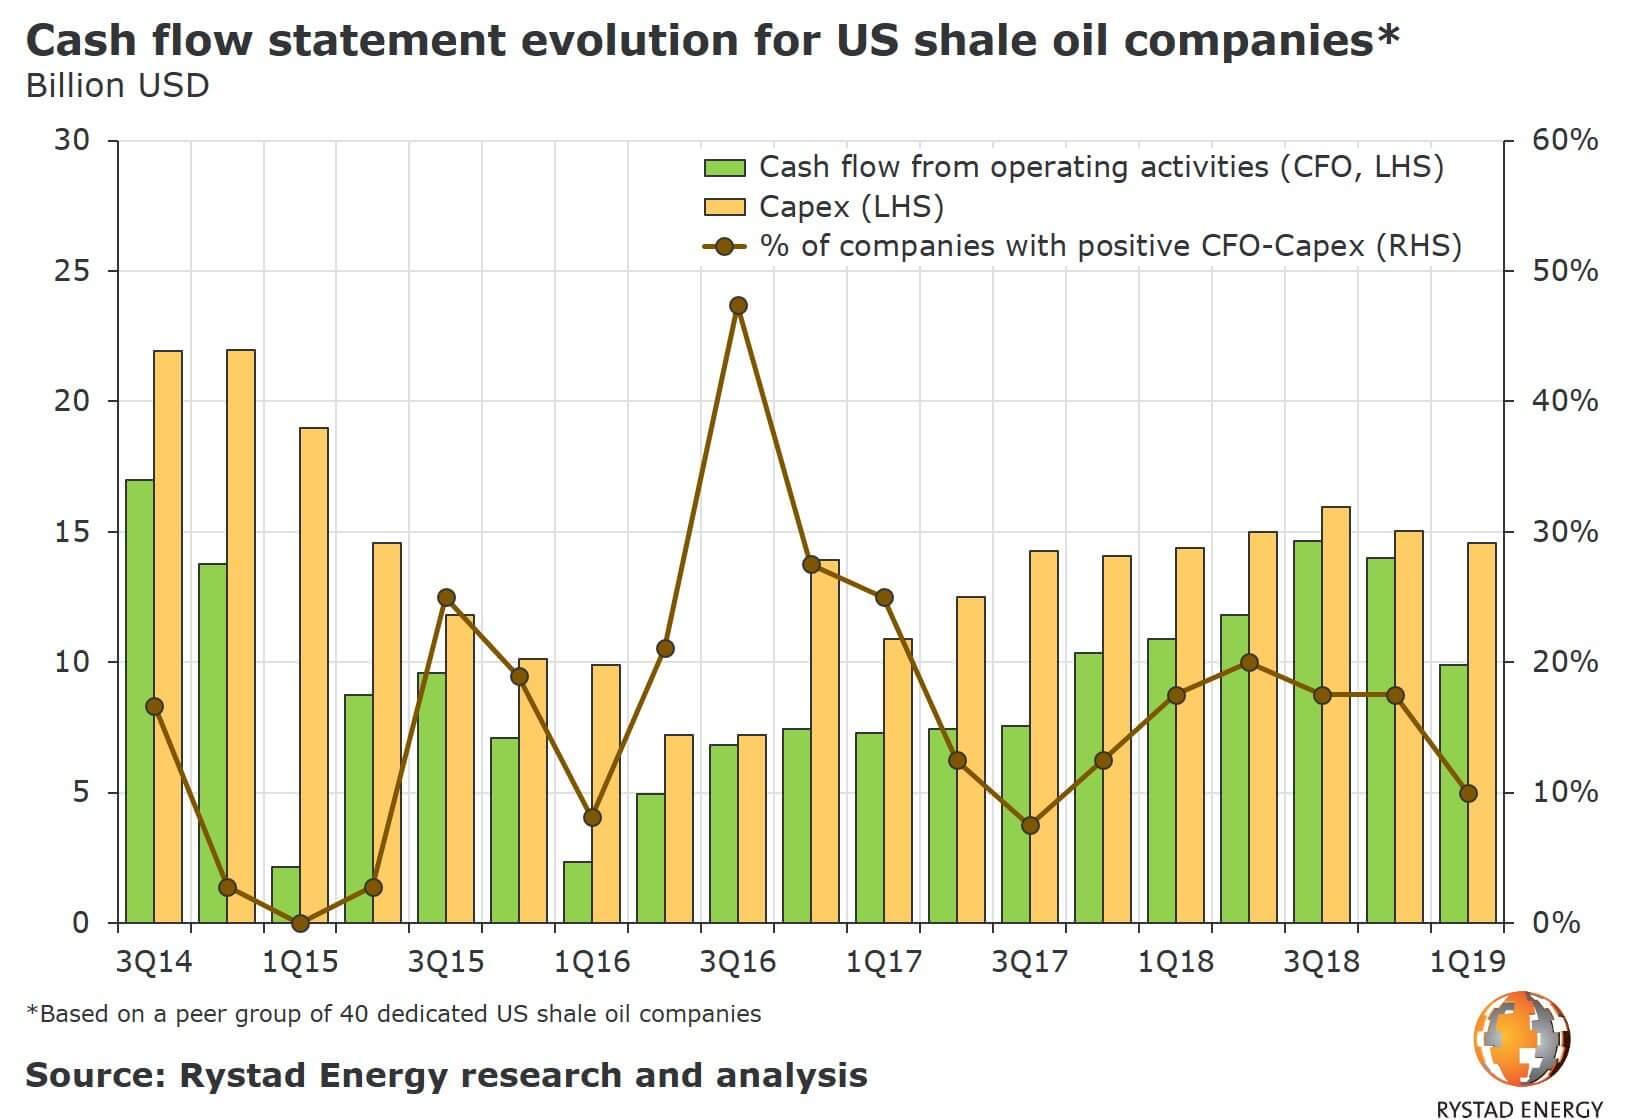 Evoluzione dei flussi di cassa dei produttori USA di shale oil